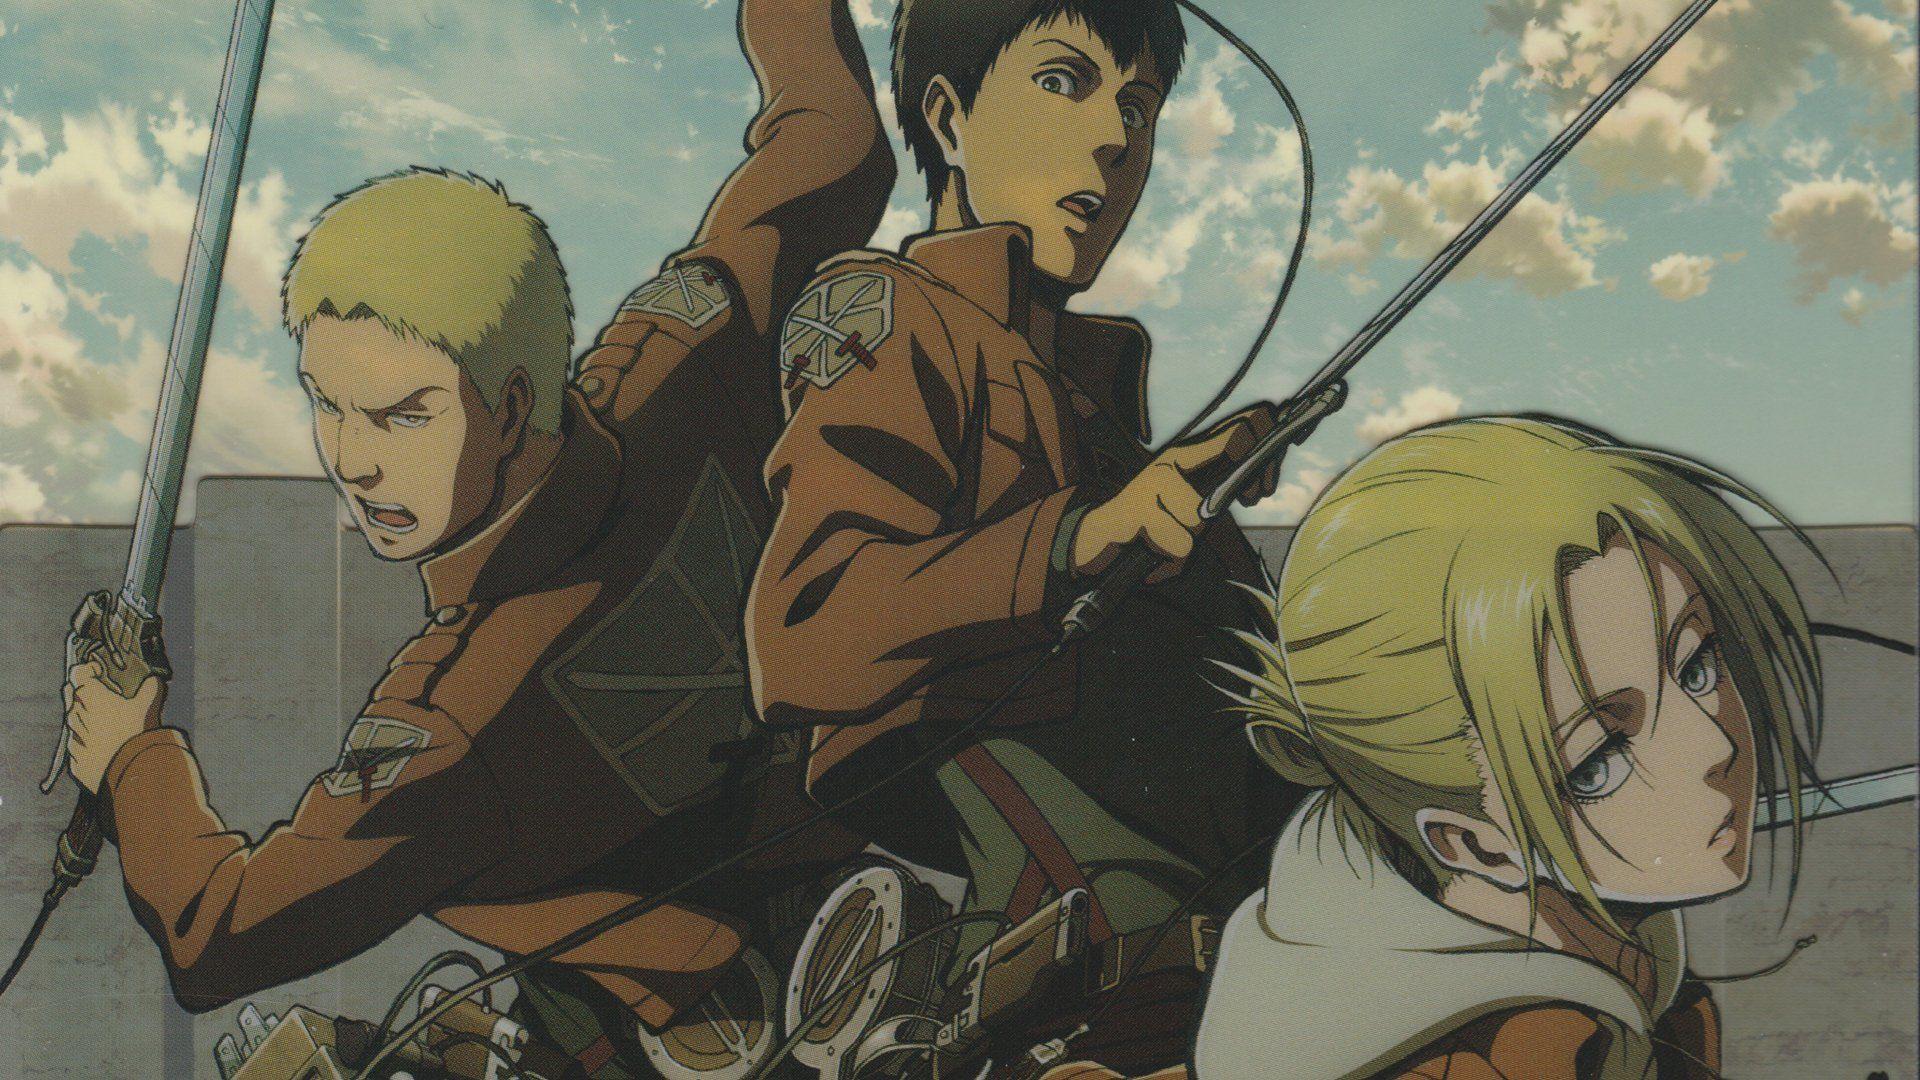 Anime Attack On Titan Annie Leonhart Reiner Braun Bertholdt Fubar Wallpaper Attack On Titan Anime Annie Leonhart